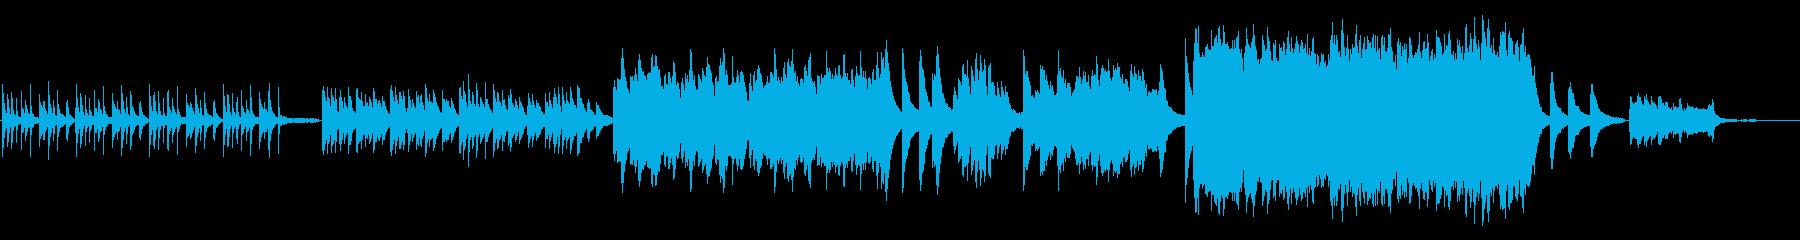 感動的で切ないBGMの再生済みの波形